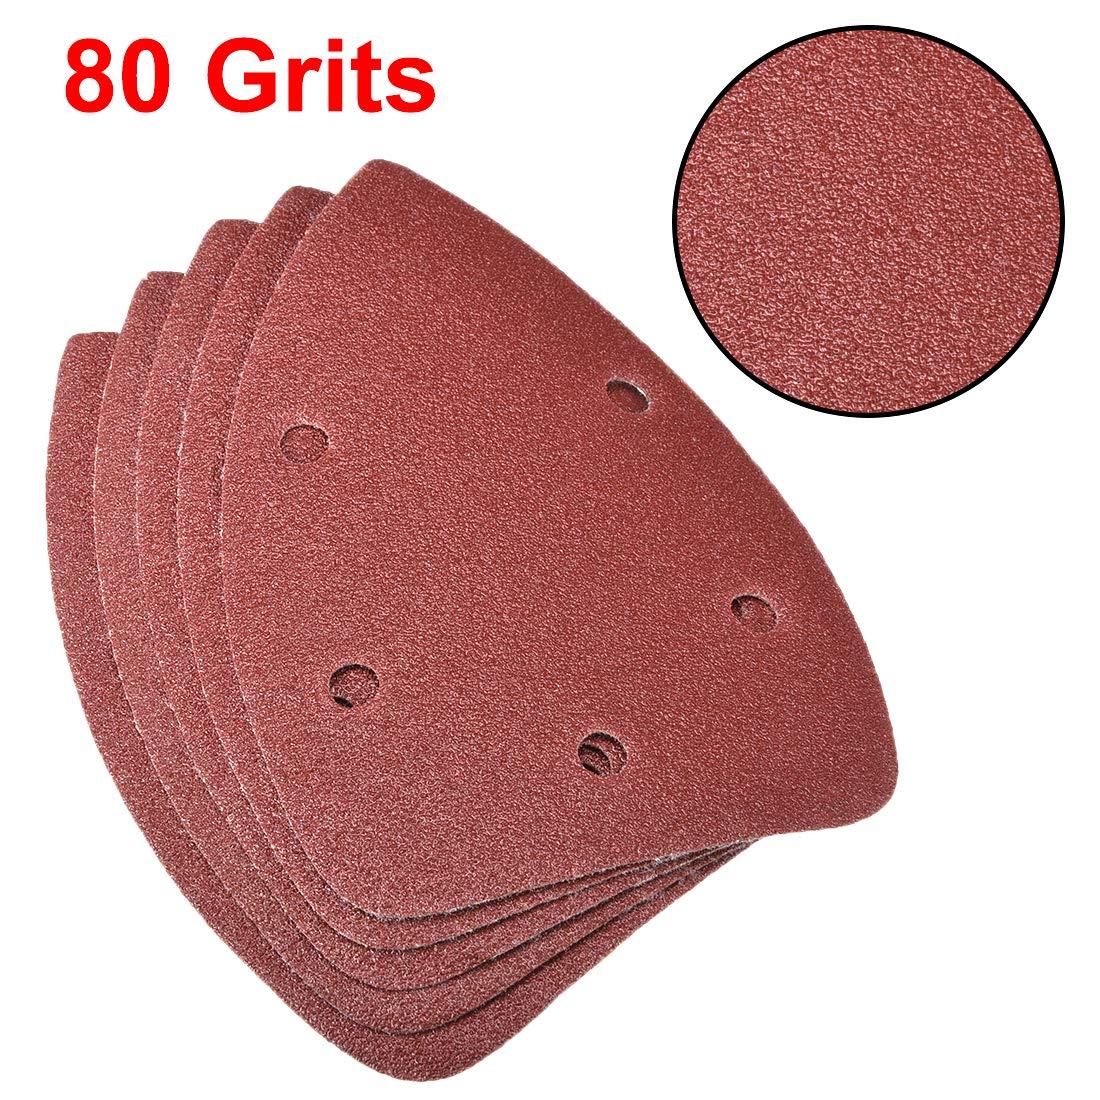 uxcell/® Triangle Detail Sander Sandpaper,Sanding Paper,Sander Pads Sheet Assorted,5 Hole 120 Grits 10pcs